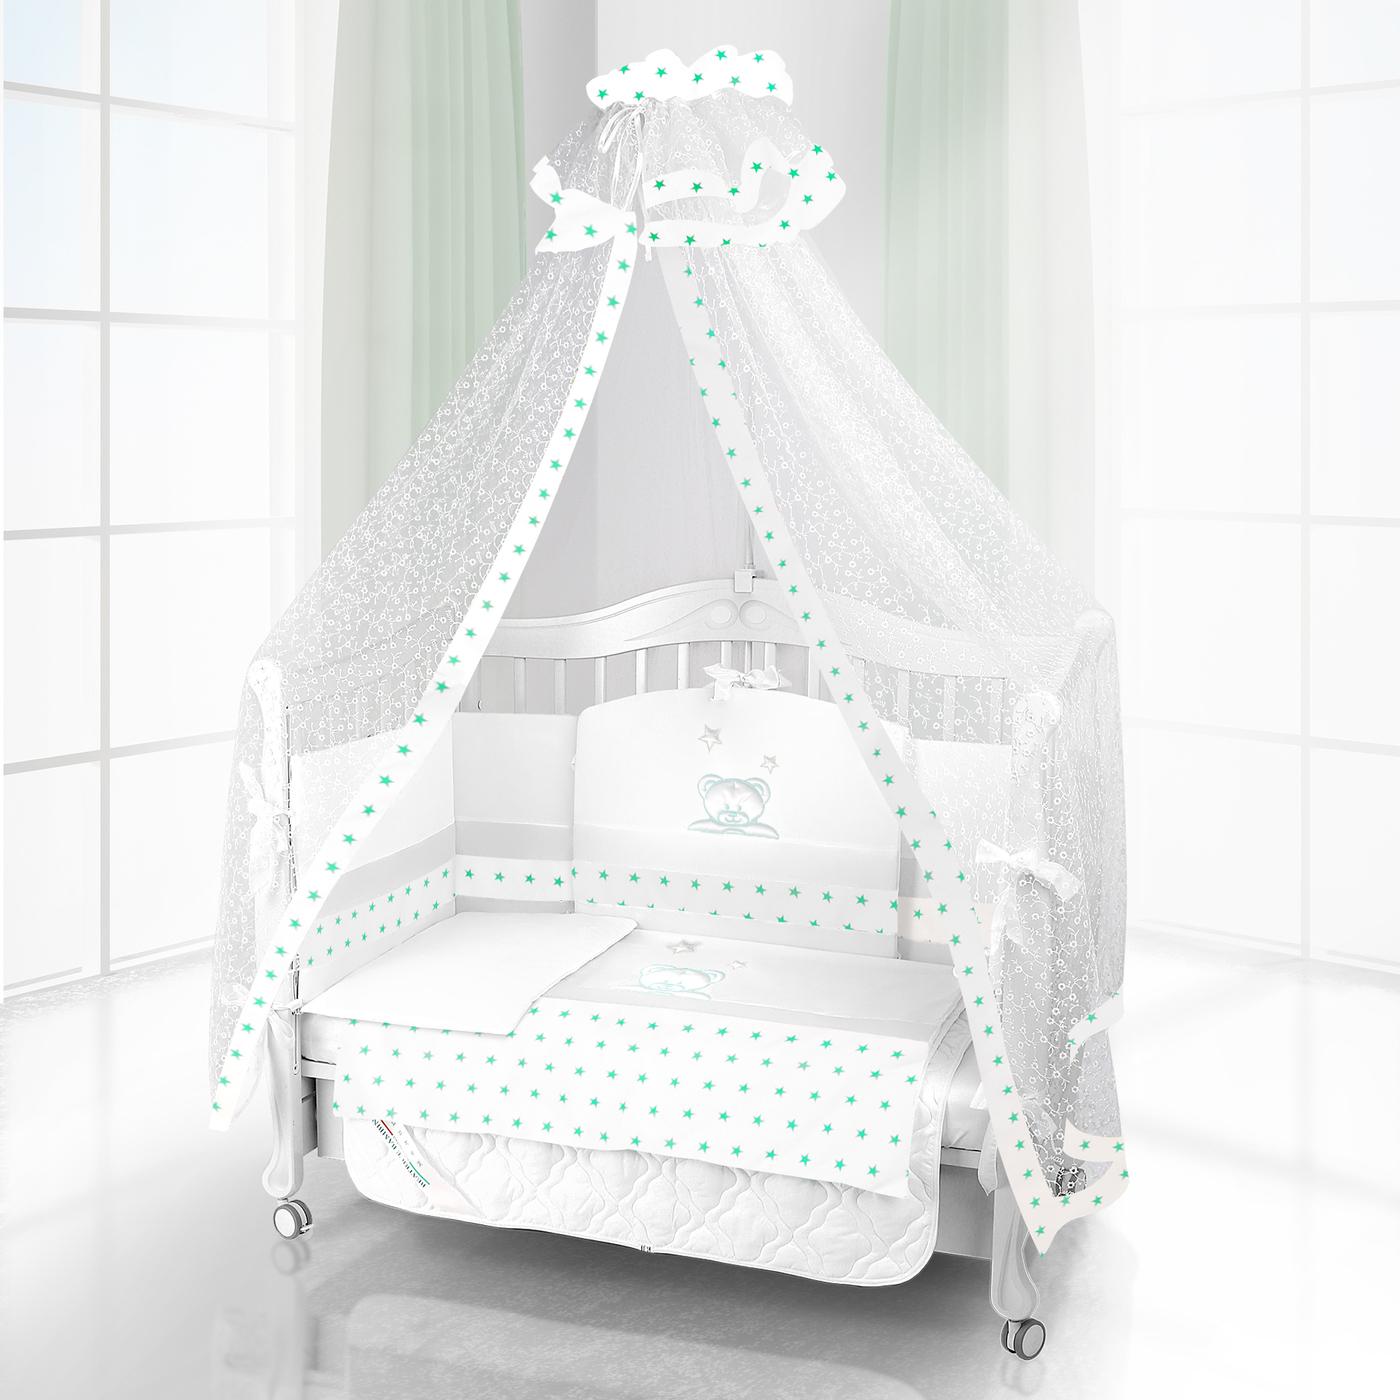 Комплект постельного белья Beatrice Bambini Unico Capolino (120х60) - bianco& bianco& verde